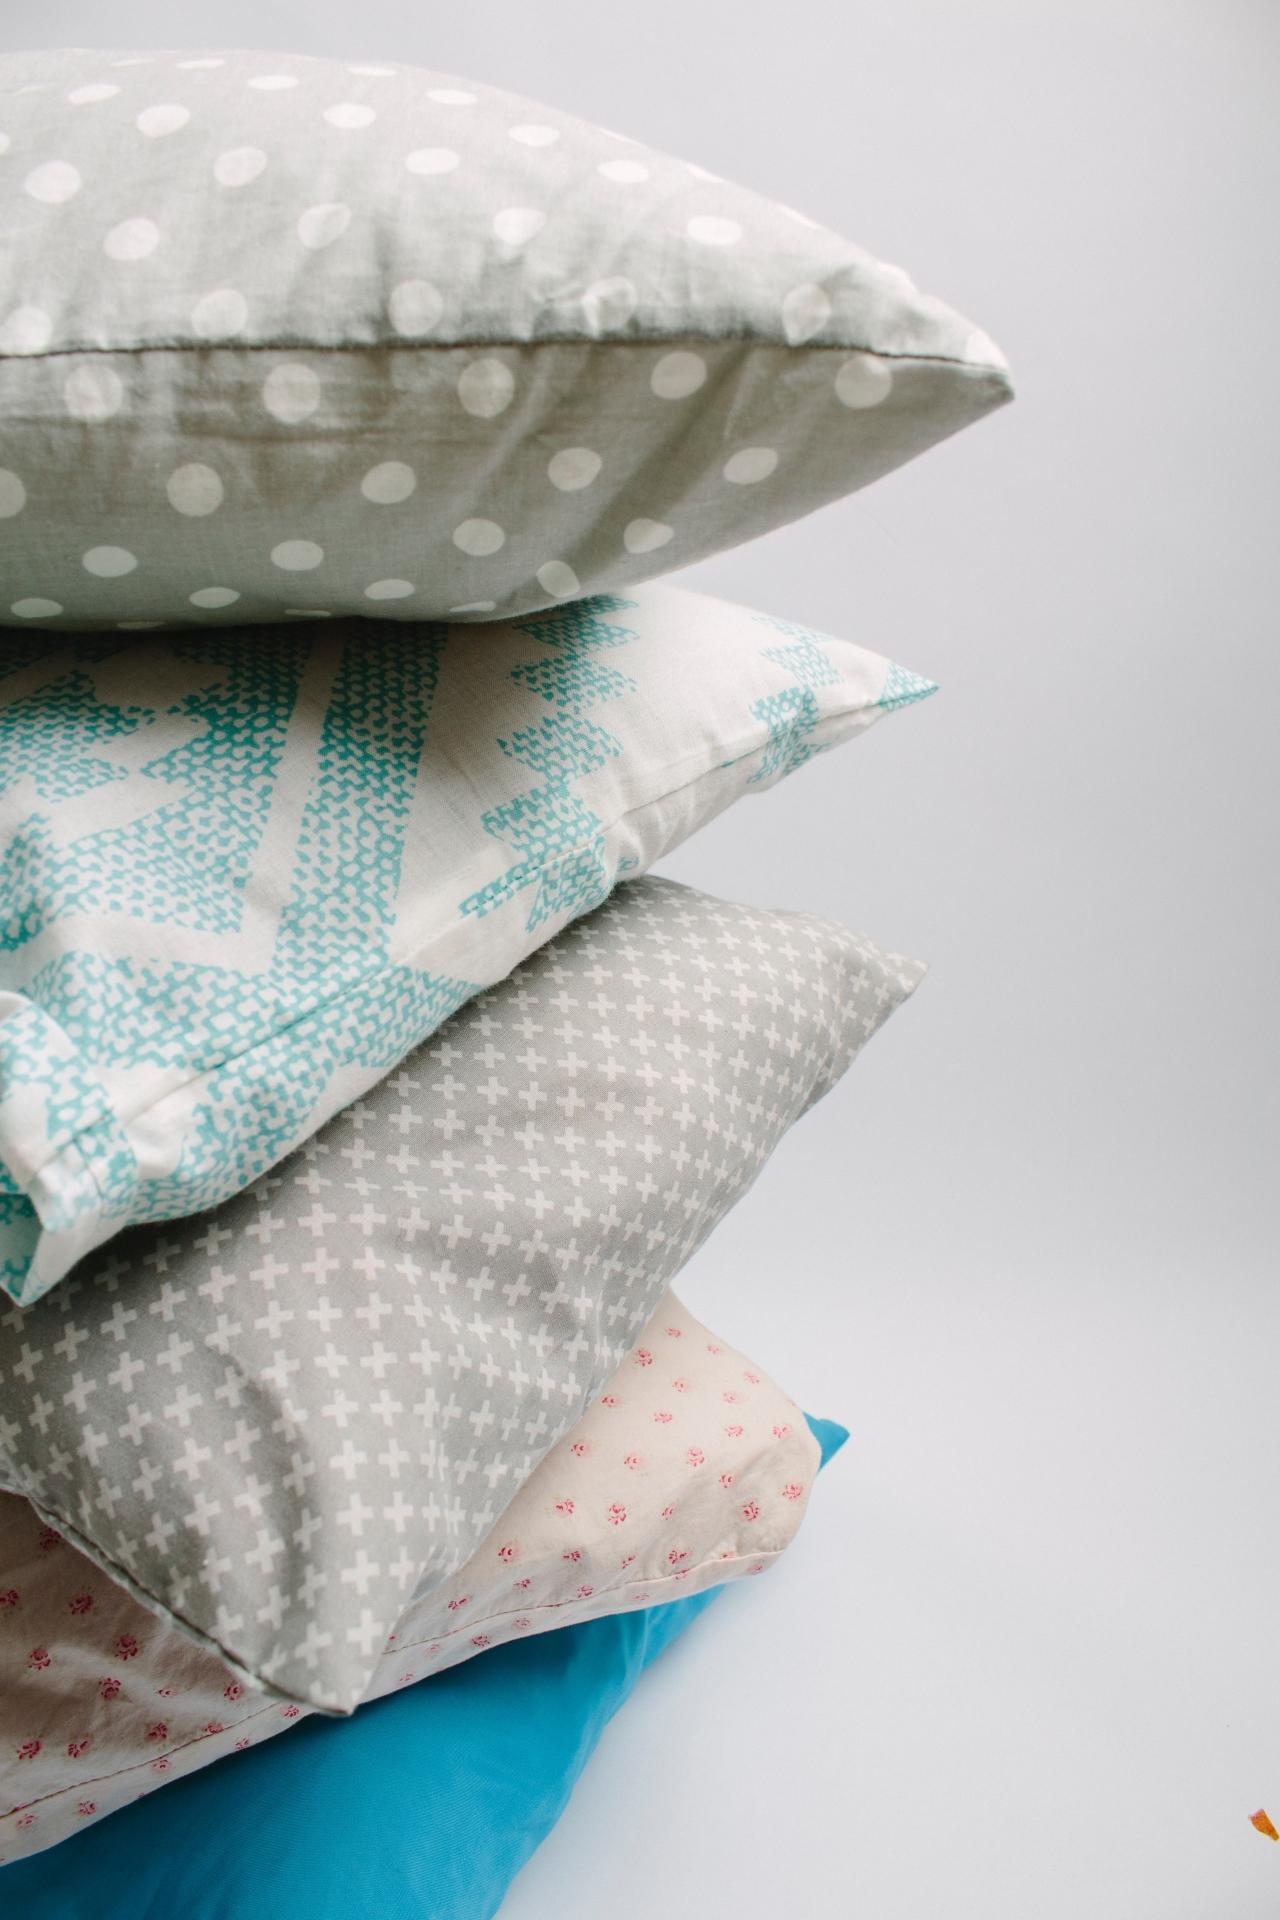 枕カバーは下着と一緒!プロが解説 枕カバーの洗濯頻度とは?